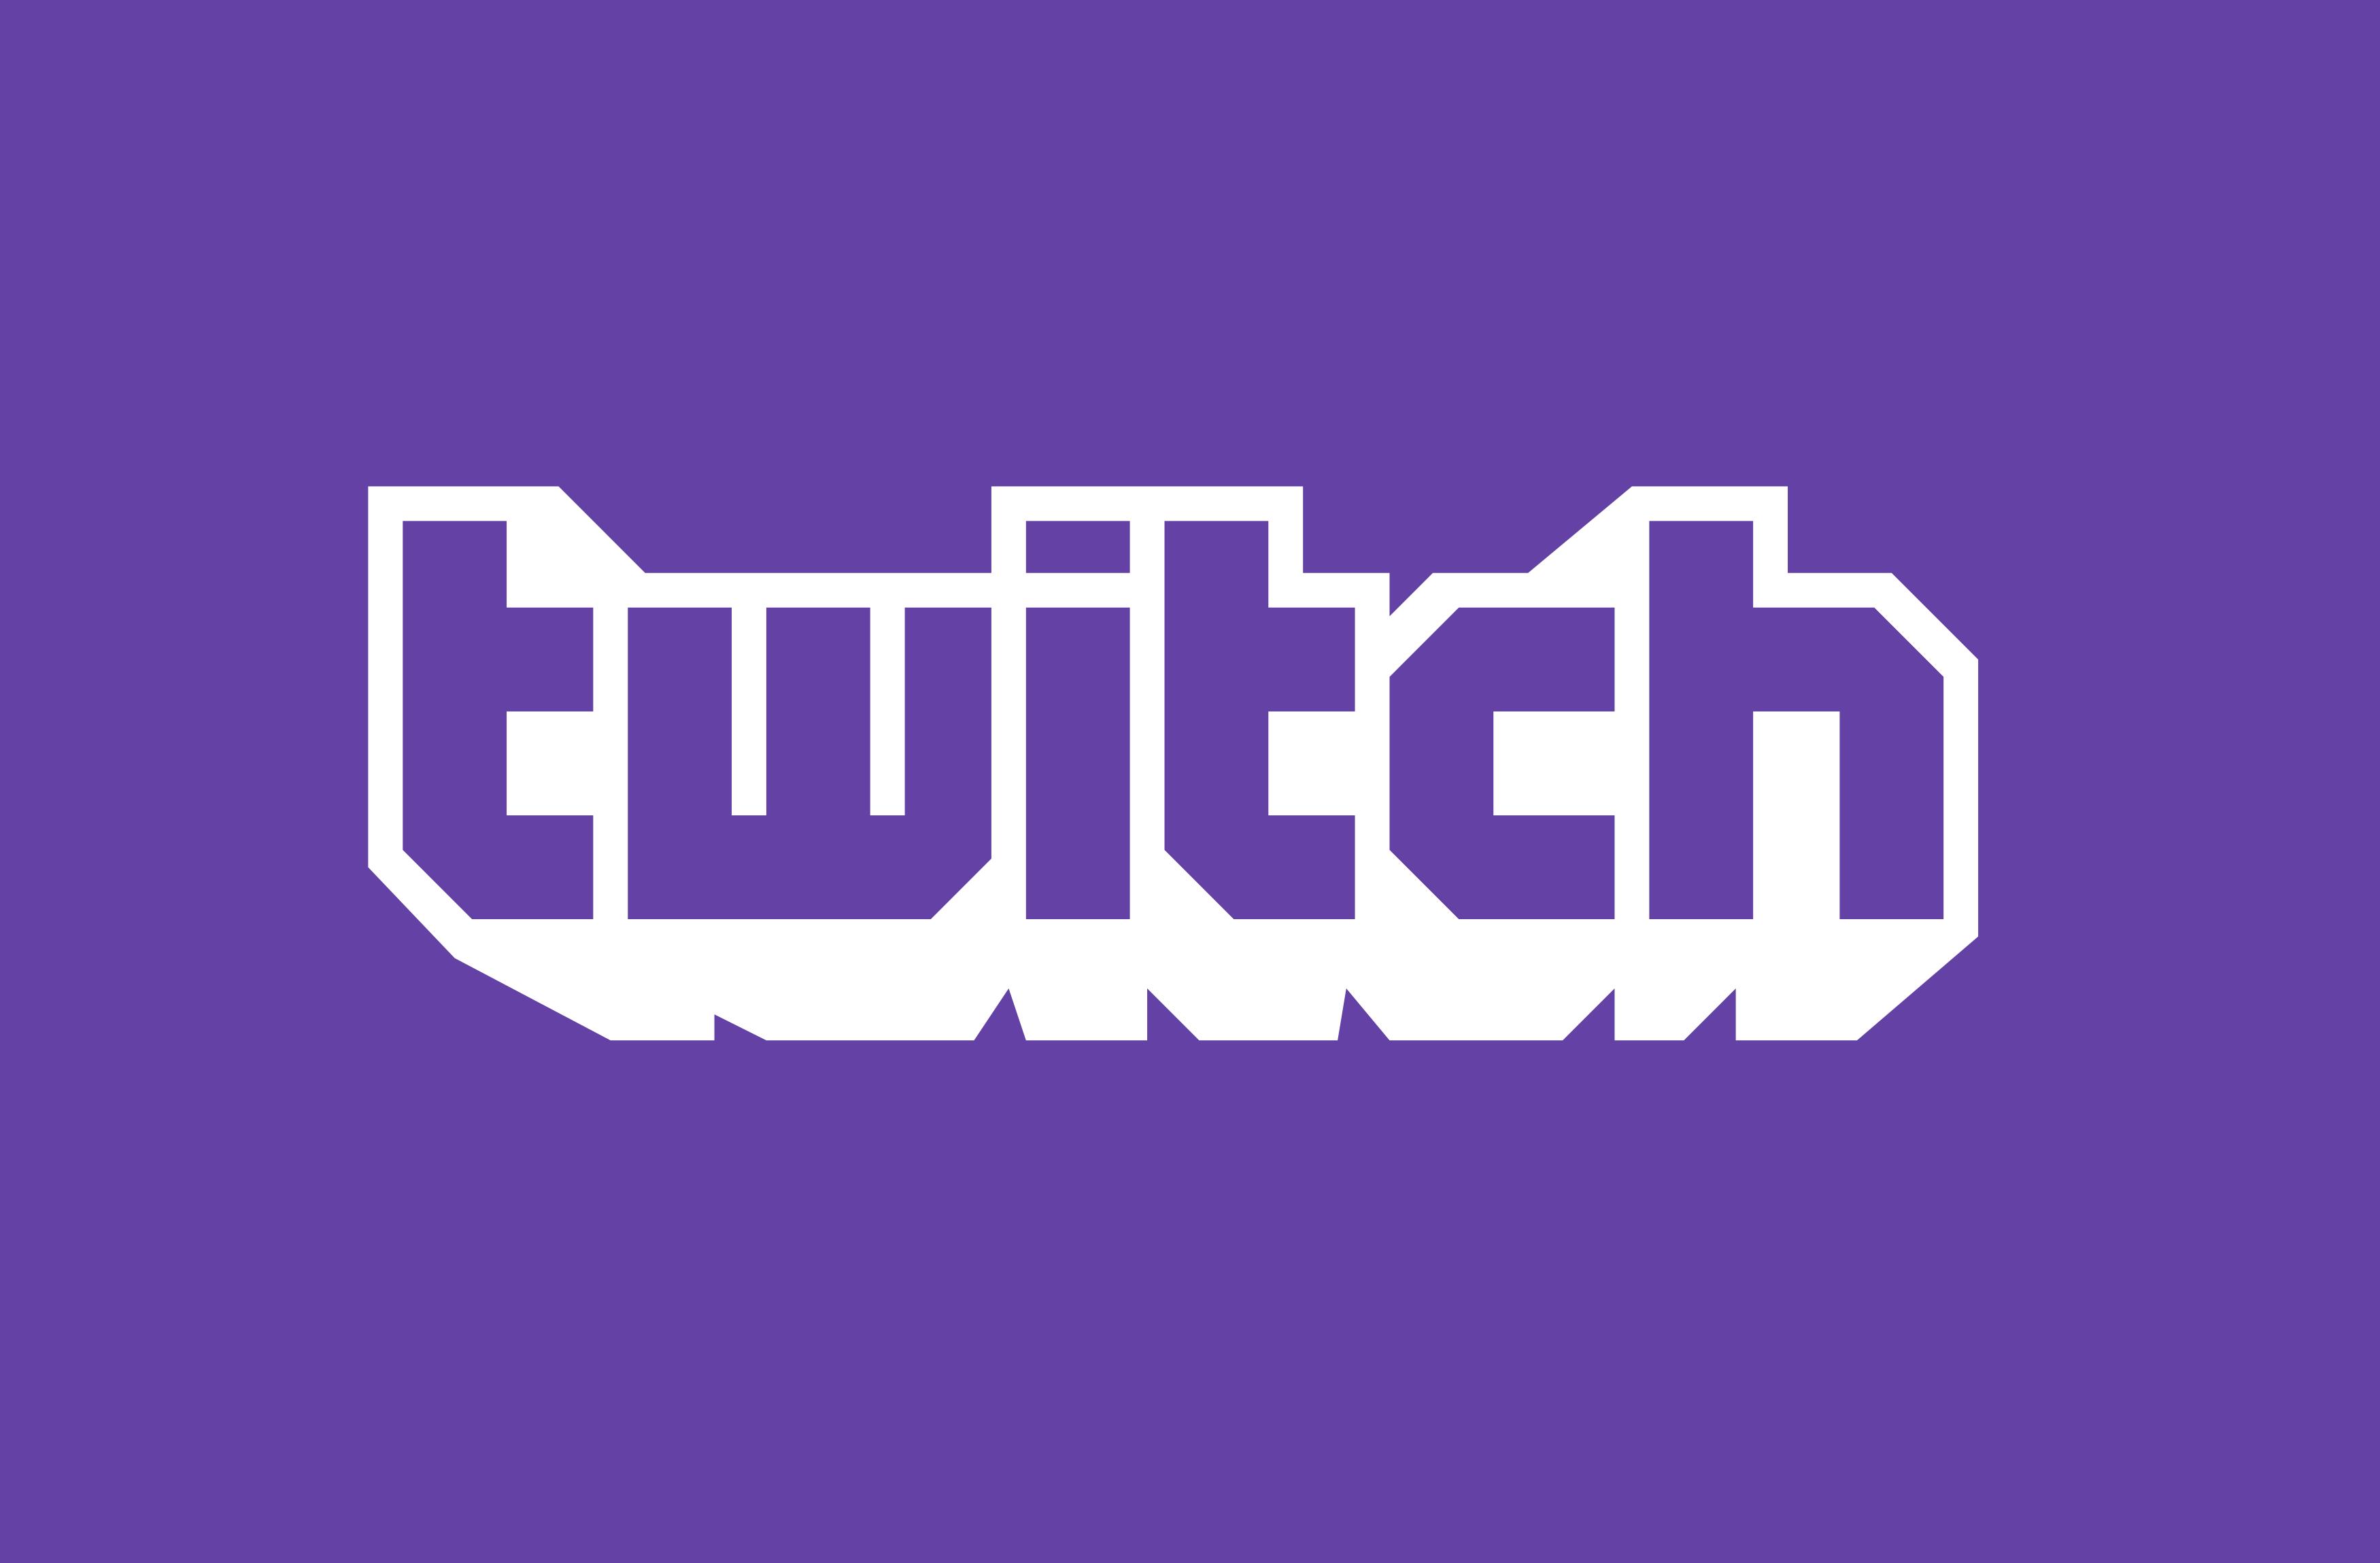 twitch logo 1 - Twitch Logo